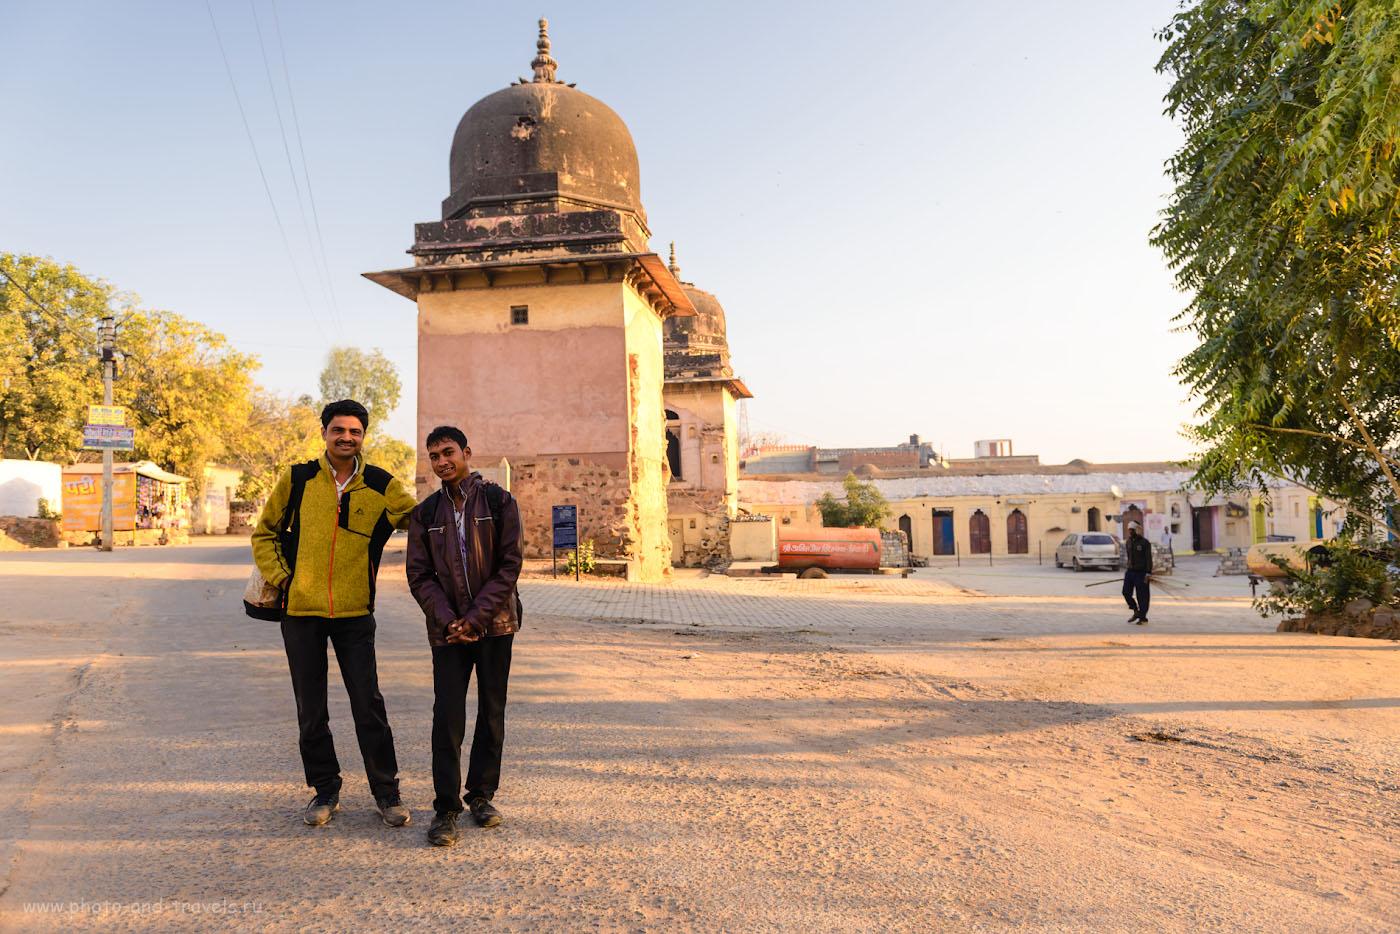 Снимок 5. Утренние прохожие в Орчхе. Отчет о поездке в Индию в феврале 2017. 1/200, 4.0, 100, 24.